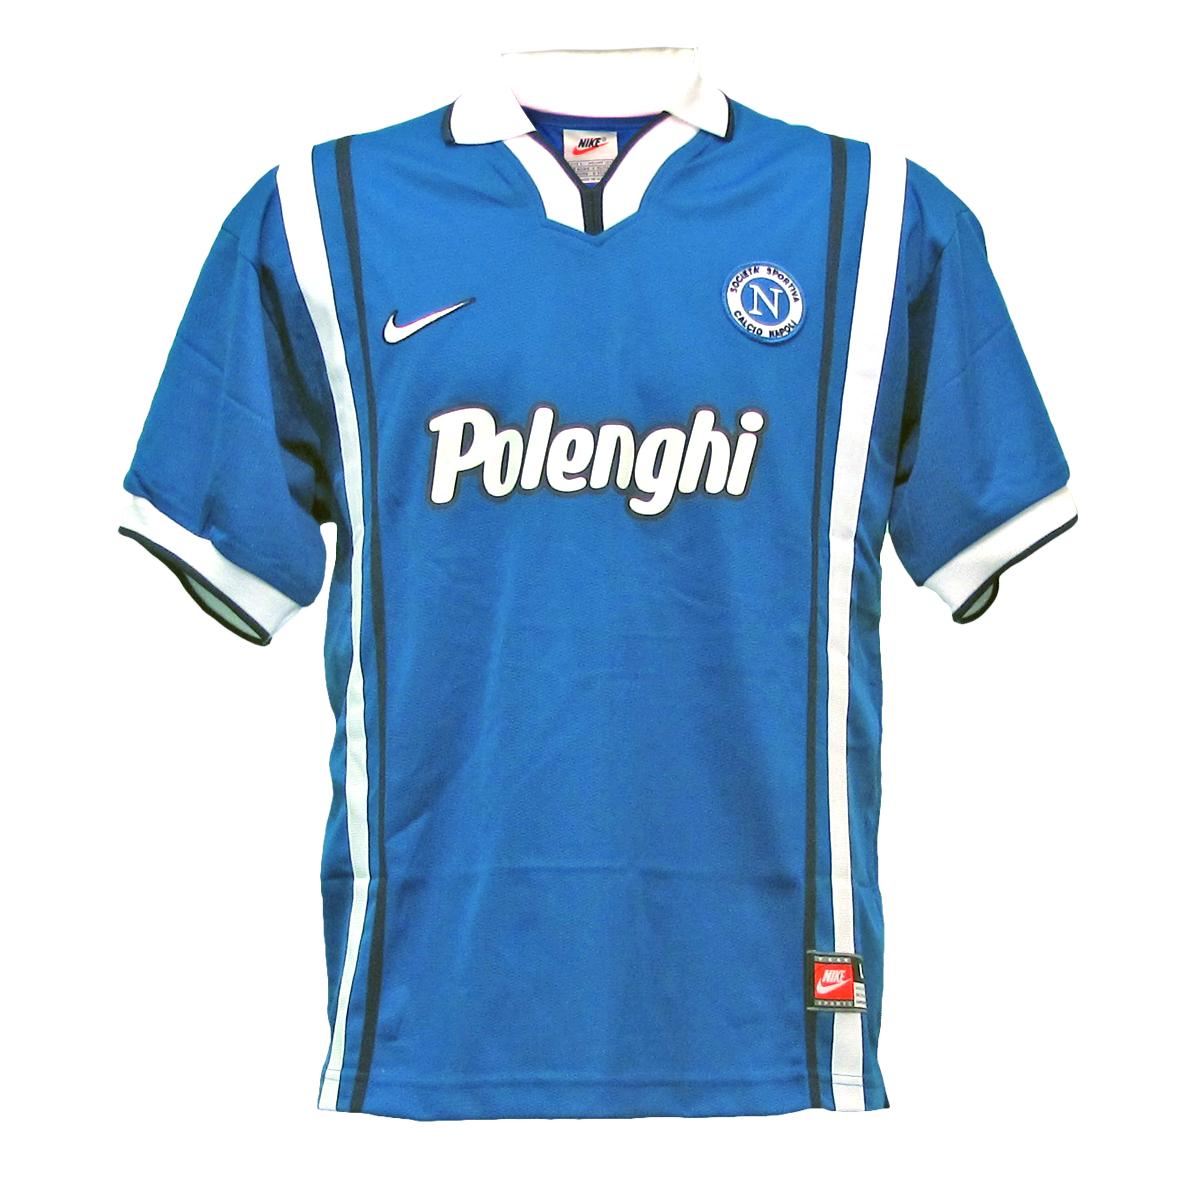 Oggi, vent'anni fa: il Napoli perde a Parma 3-1, e retrocede in Serie B